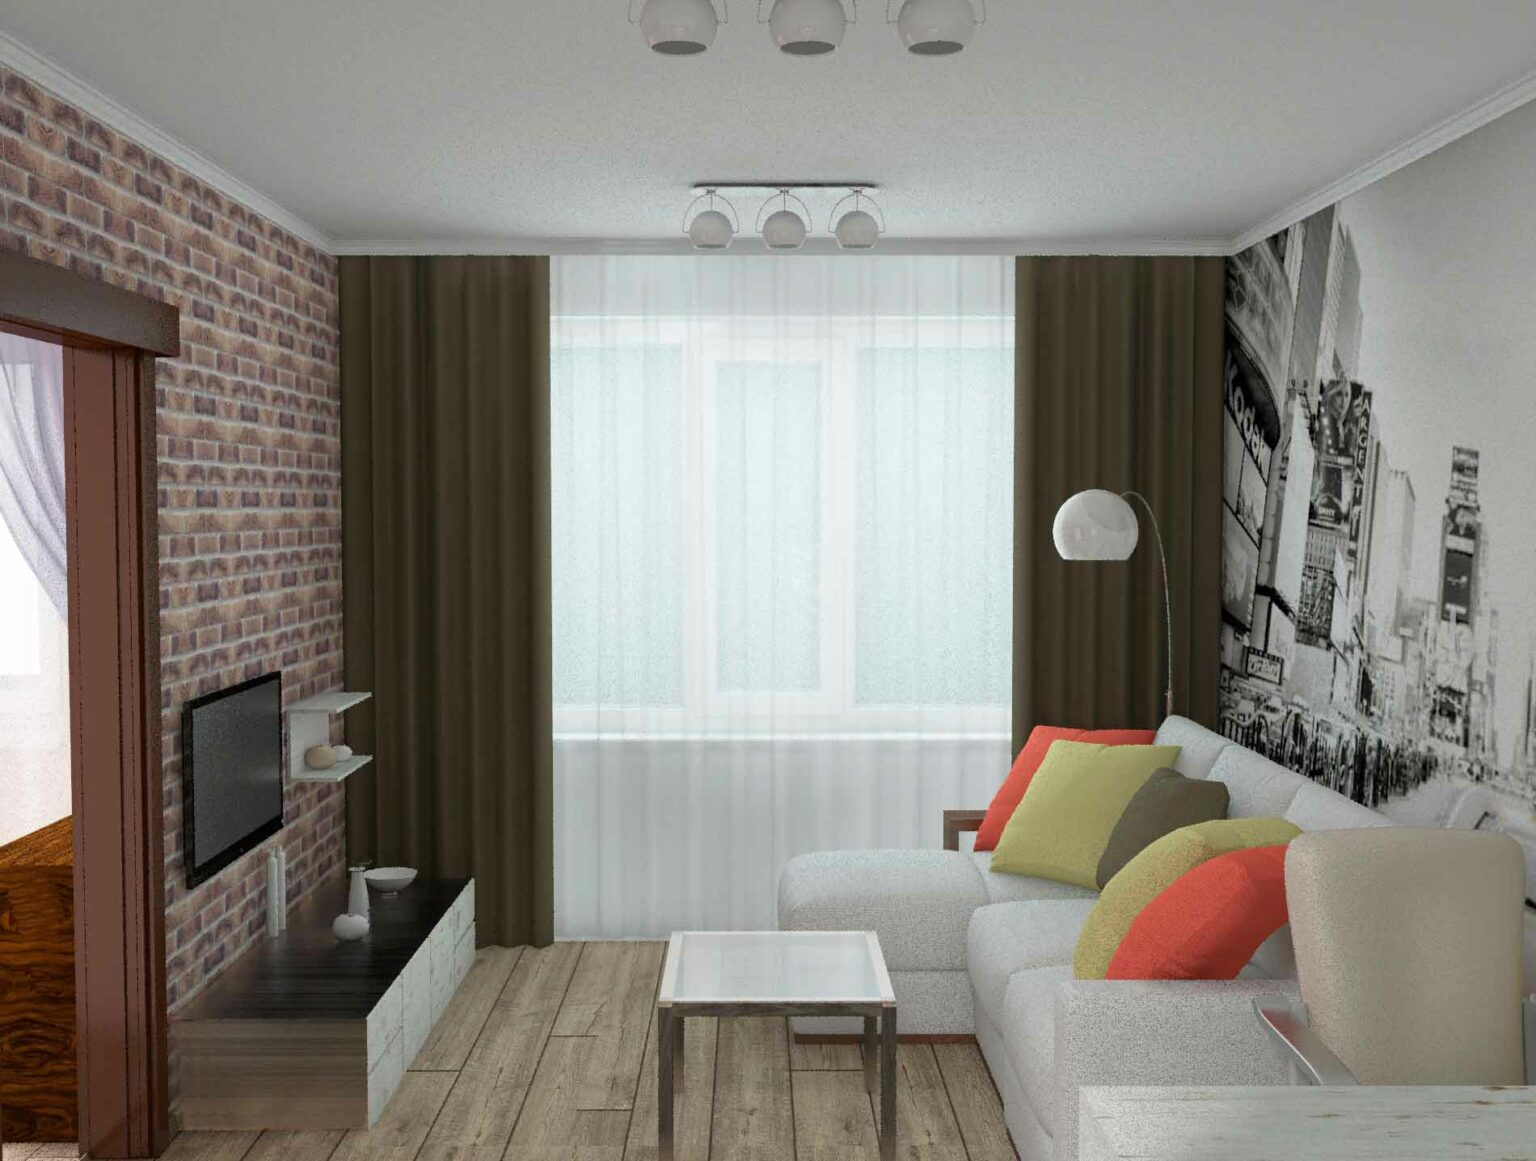 шифер, однокомнатная квартира угловая дизайн фото простые